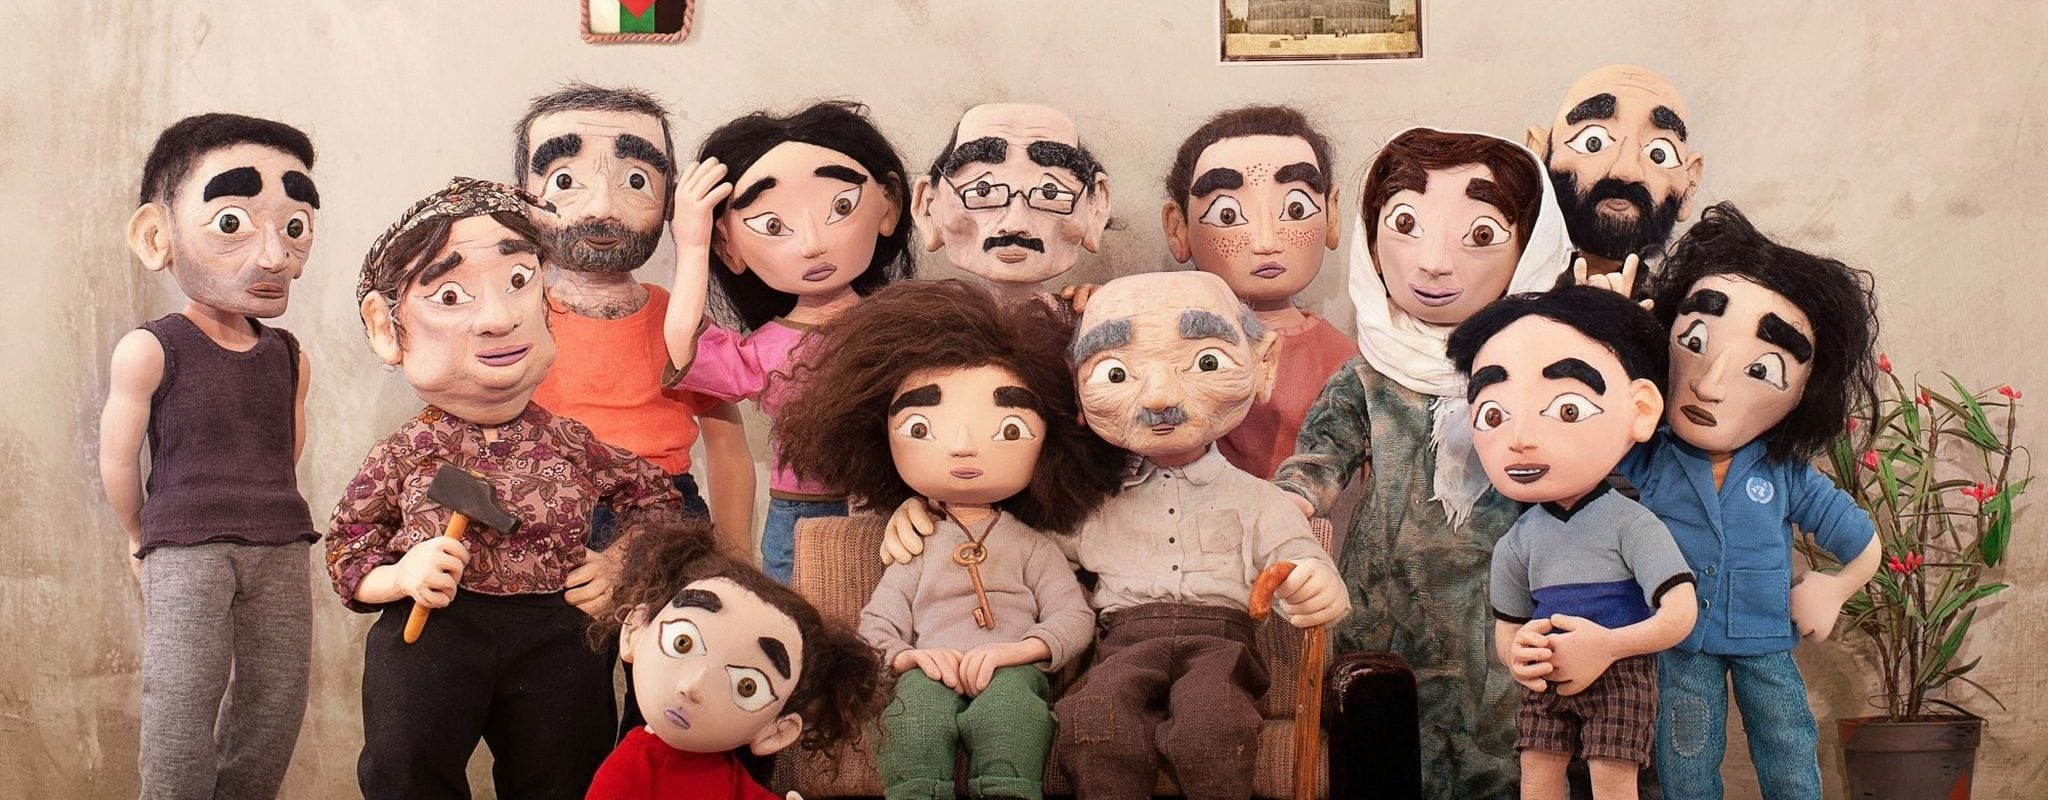 Gagnez des places pour Wardi, film d'animation sur l'exil palestinien, jeudi